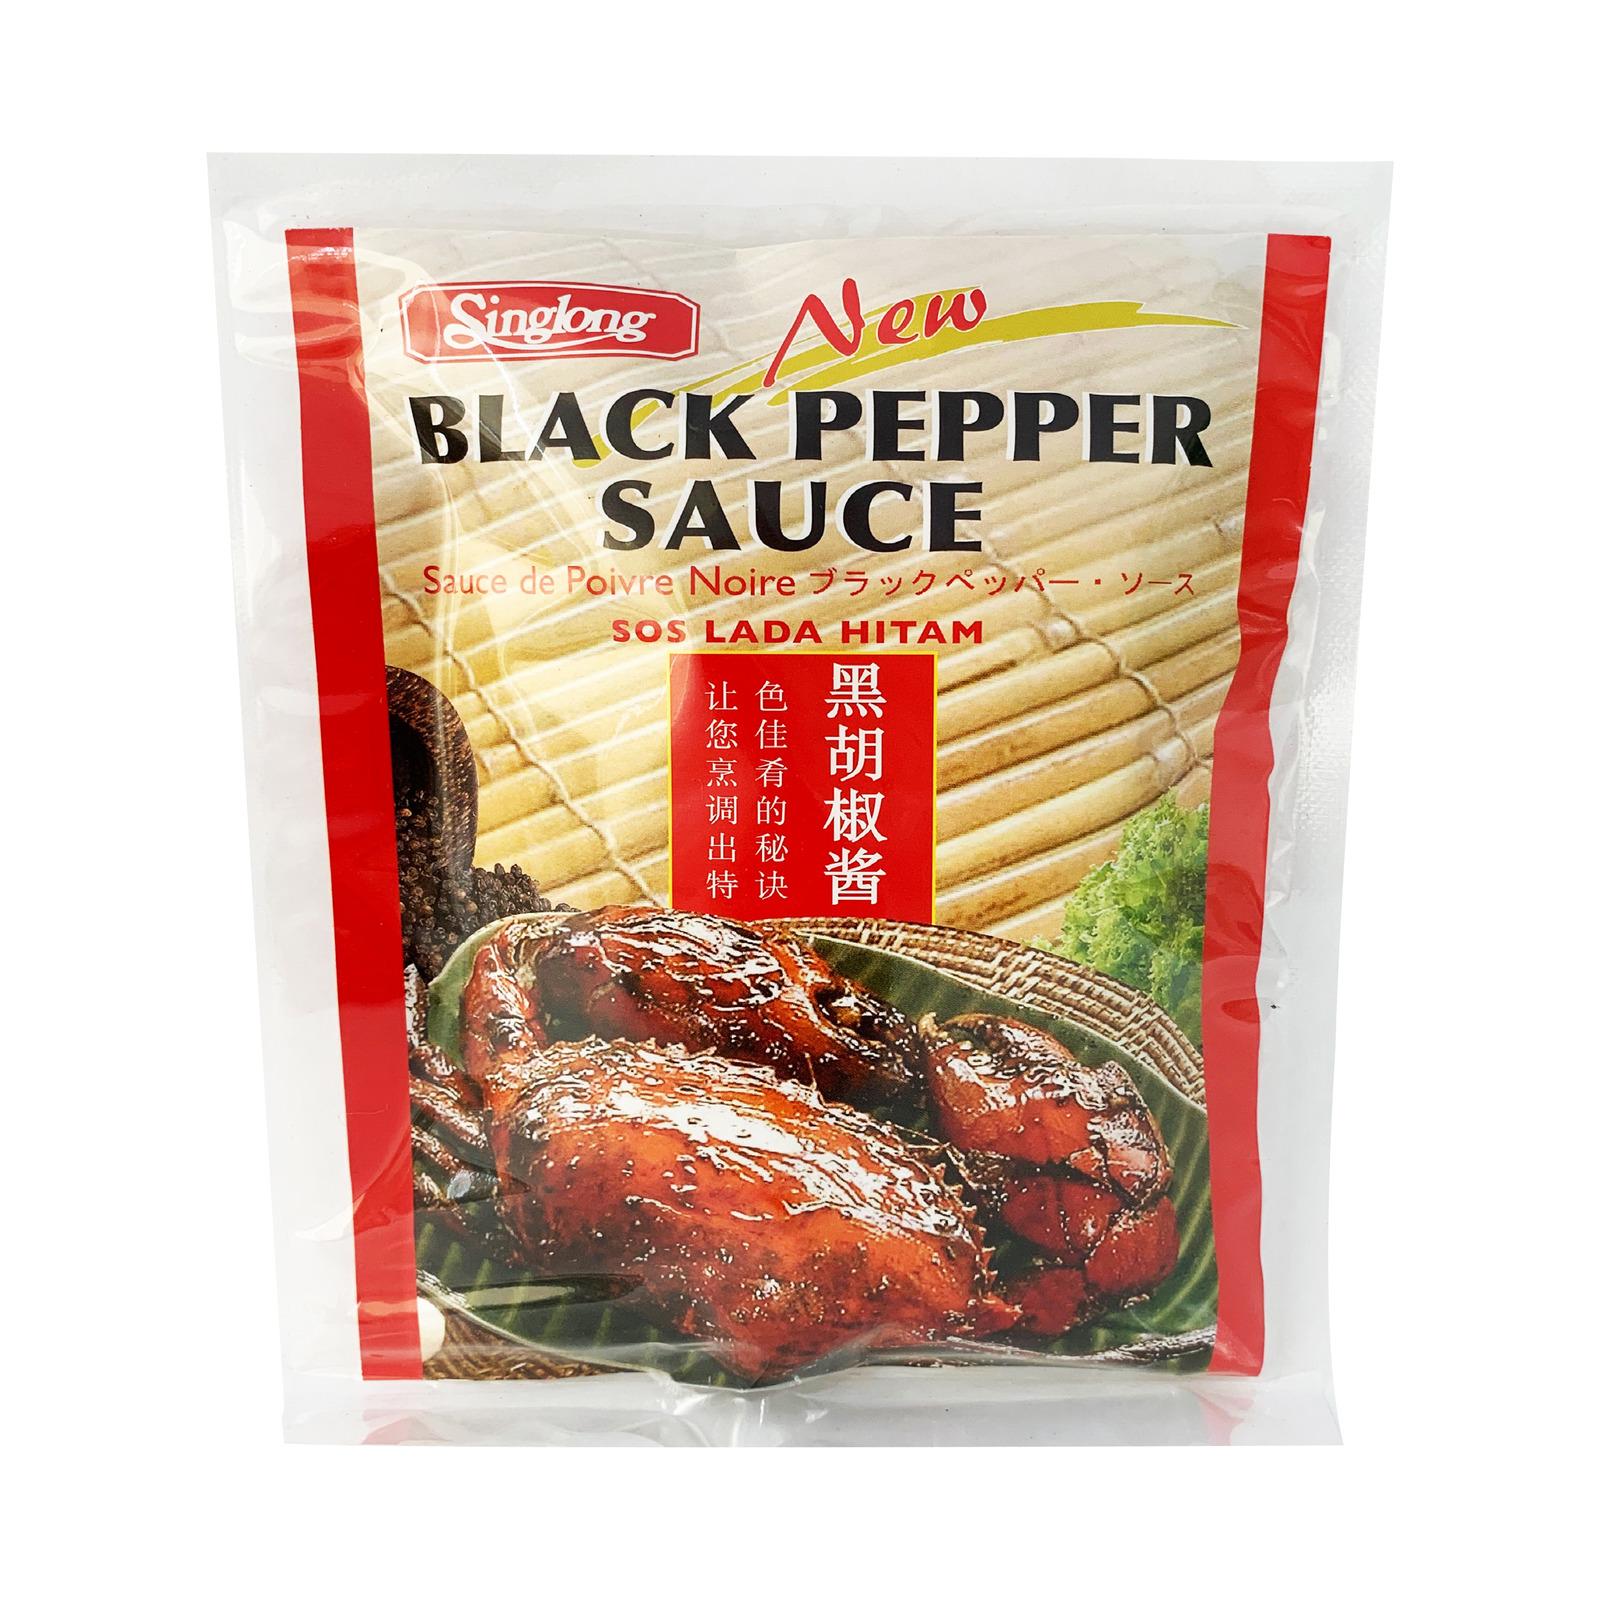 SING LONG Black Pepper Sauce Mix 160g